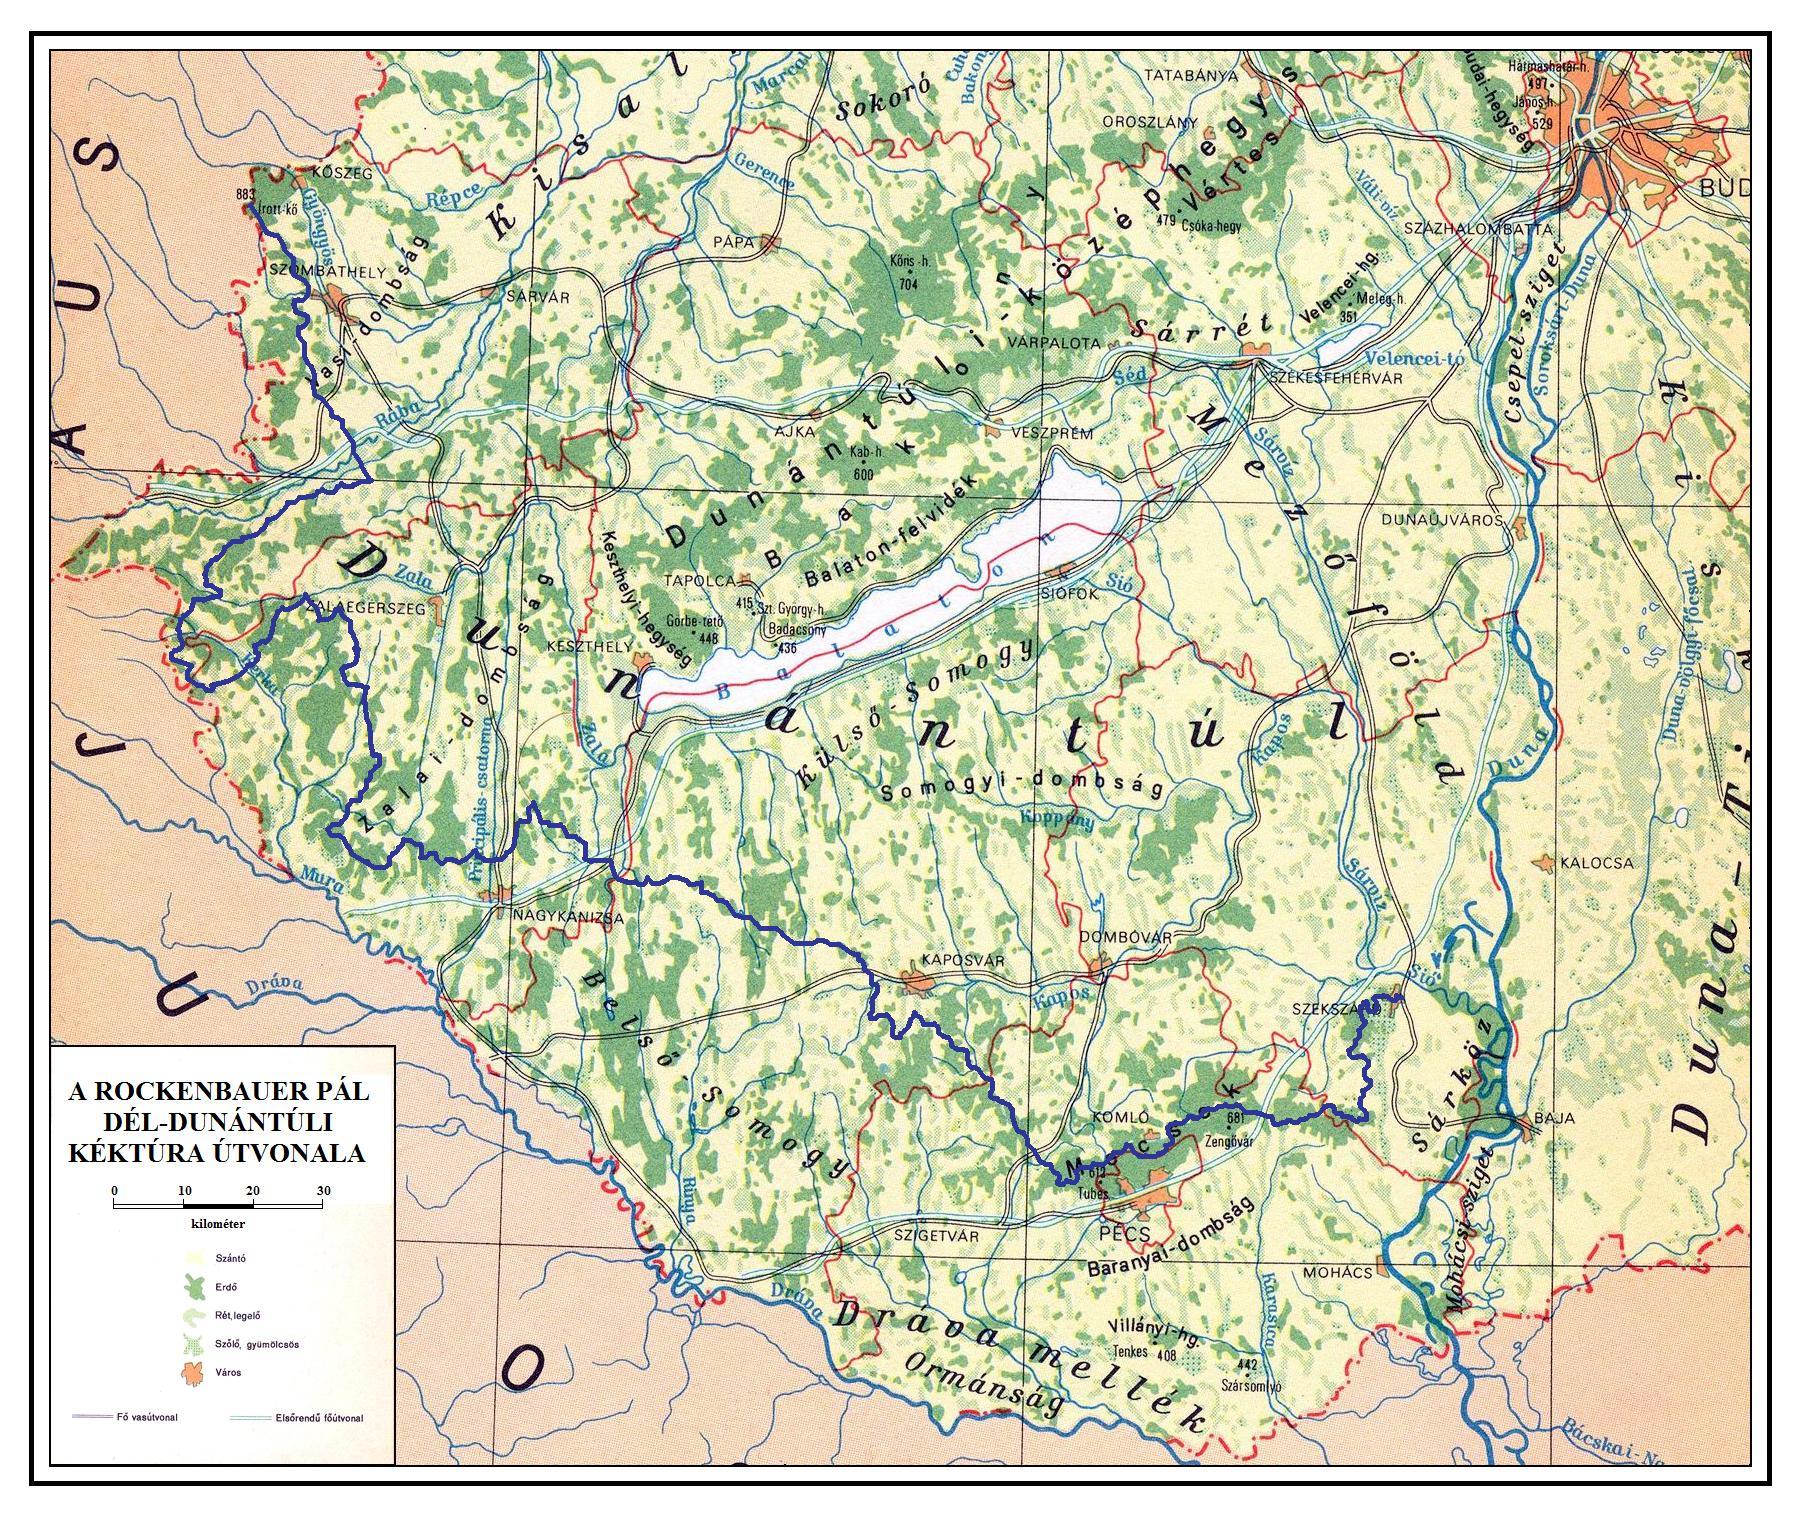 dunántúl térkép KÉKTÚRA HONLAP   A Rockenbauer Pál Dél dunántúli Kéktúra bemutatása dunántúl térkép